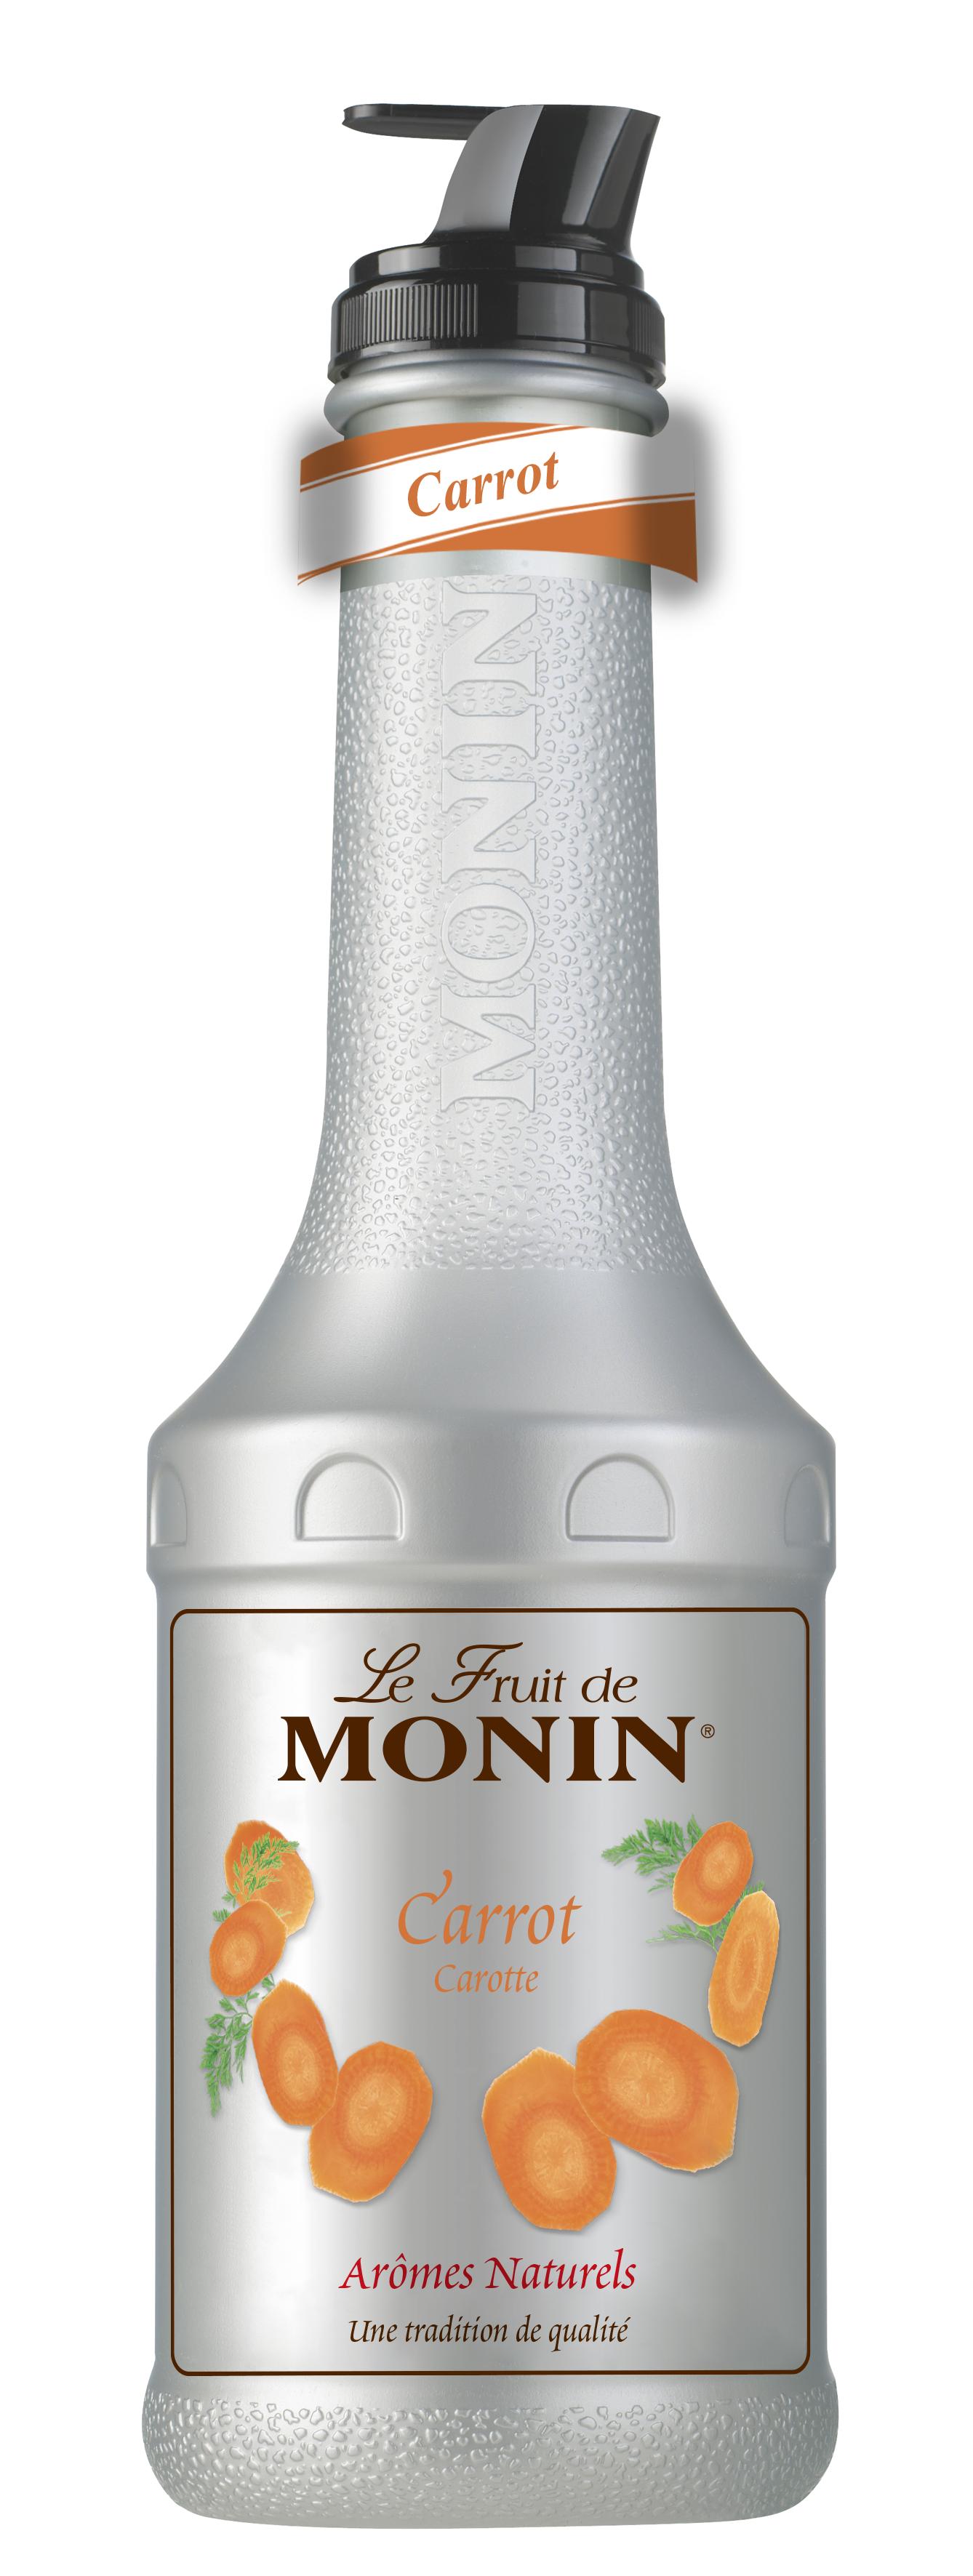 Le Fruit Carotte, Monin (1 L)